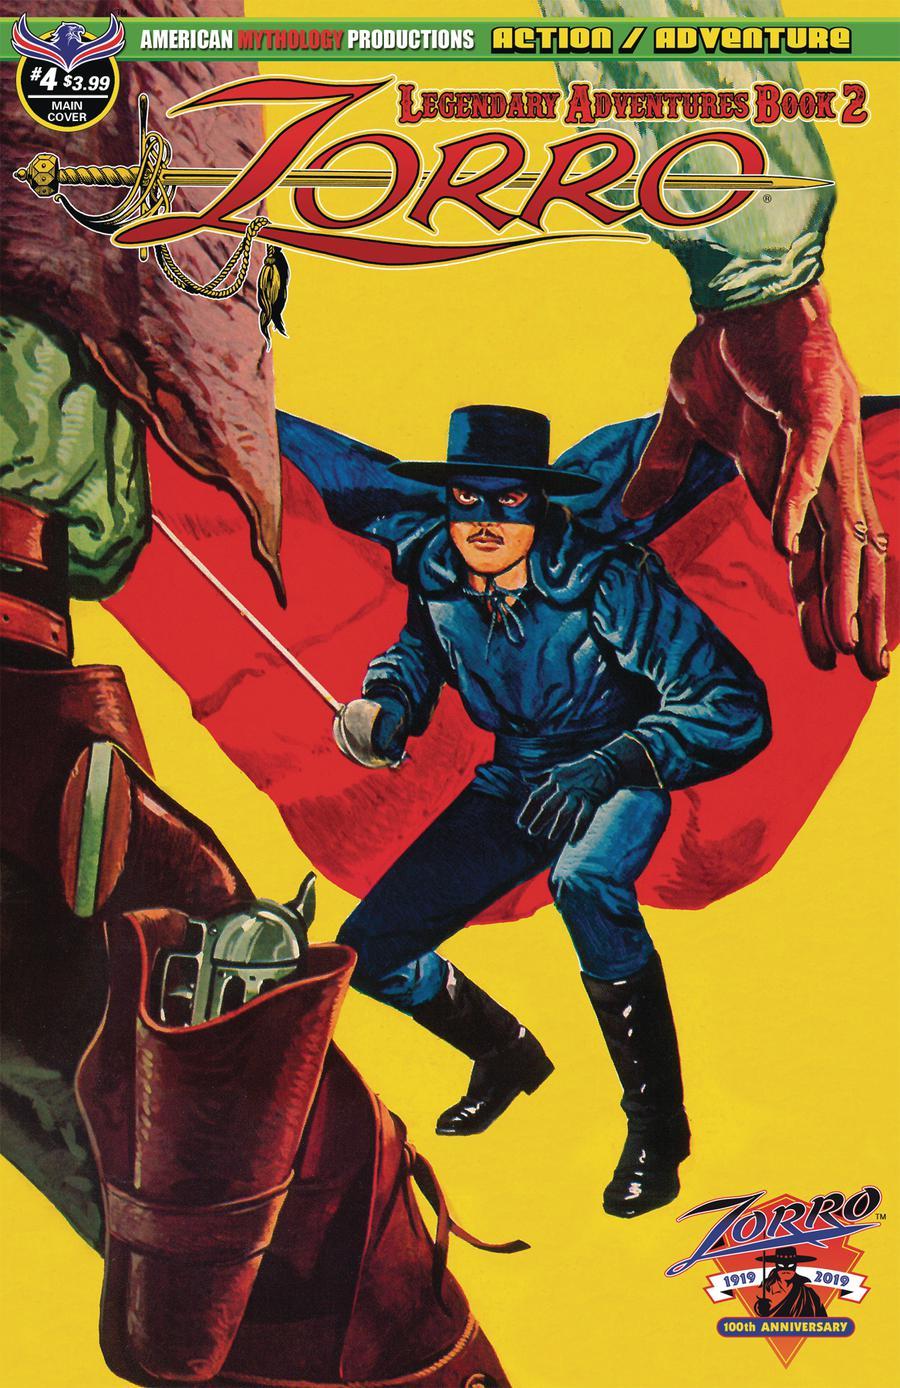 Zorro Legendary Adventures Book 2 #4 Cover A Regular Cover